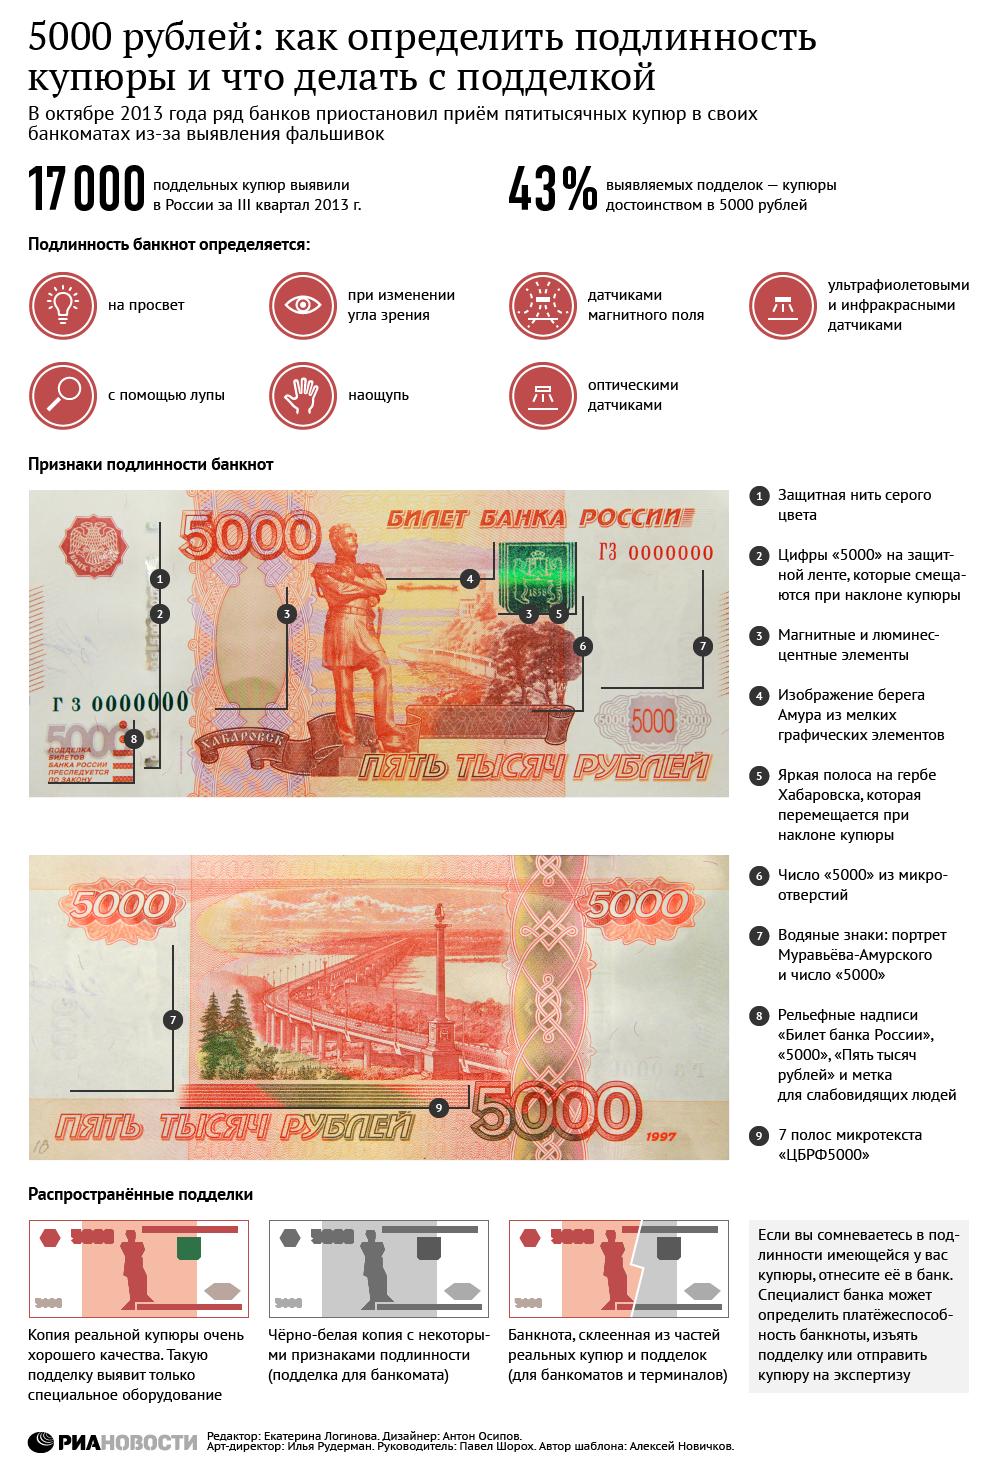 33288bc0488c60 Как определить подлинность пятитысячной купюры - РИА Новости, 17.10.2013